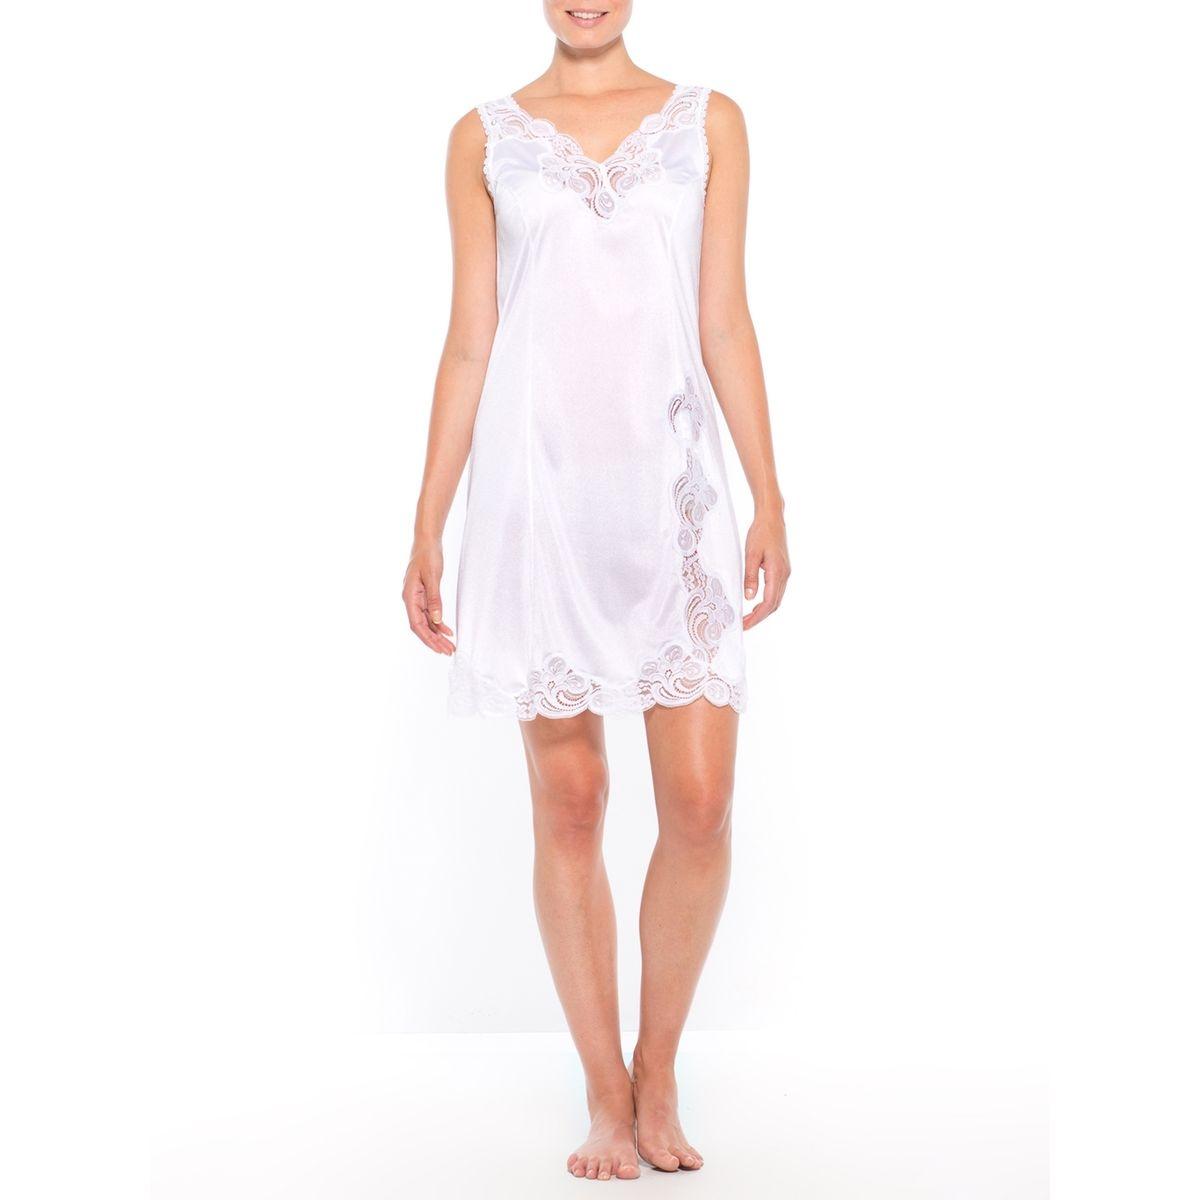 Fond de robe maille satinée, longueur 90cm